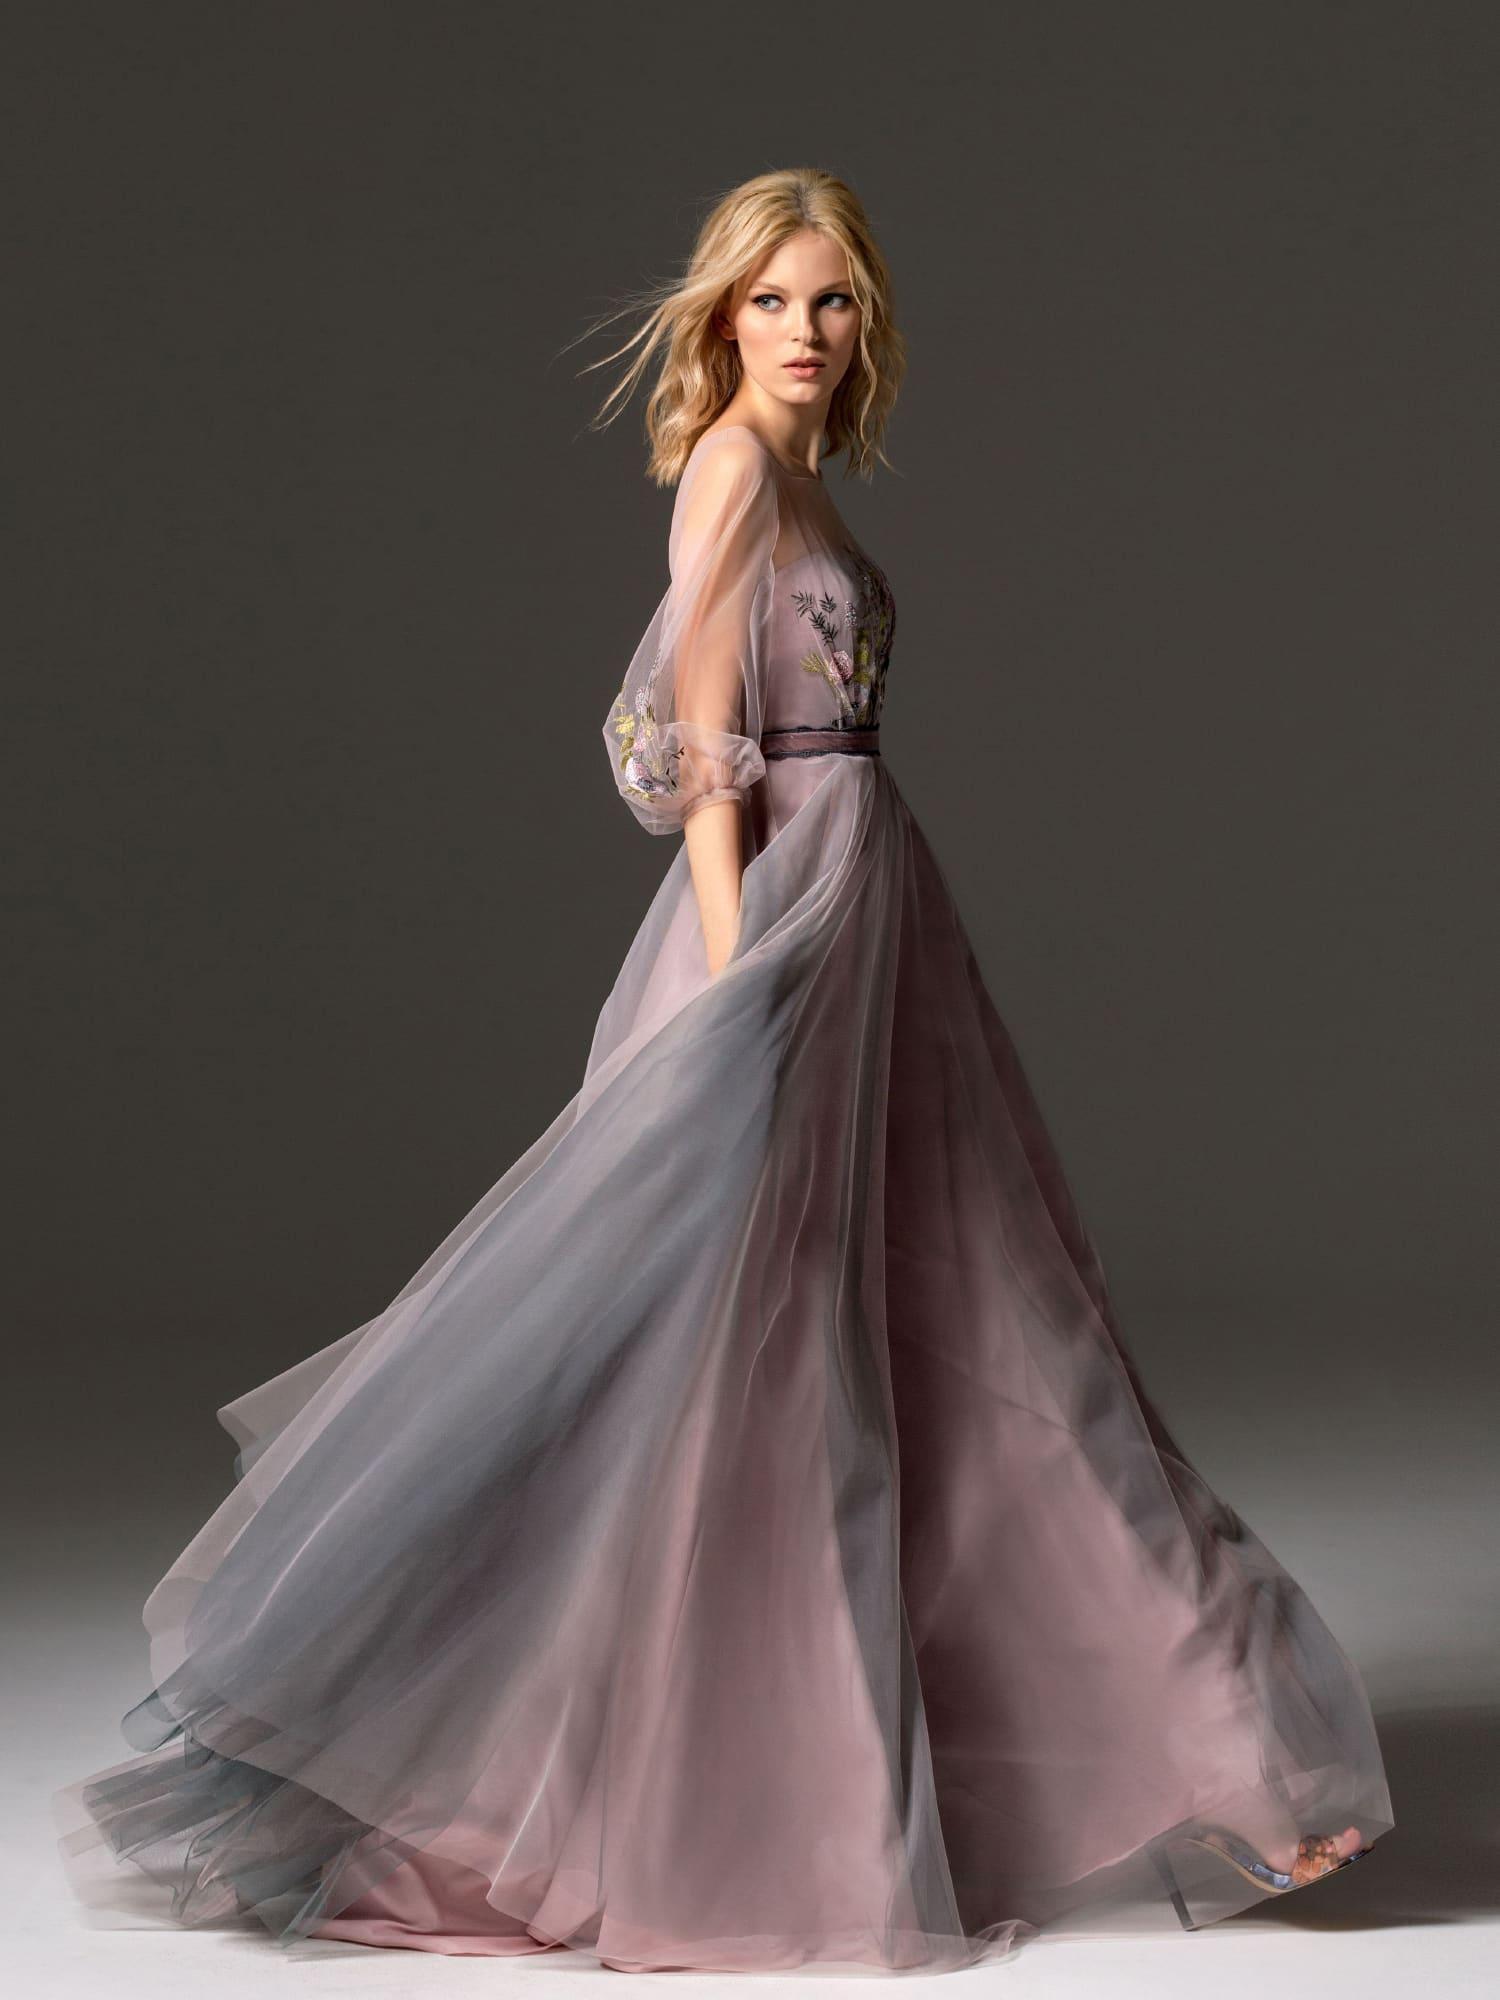 43417d712d5 Розовое вечернее платье пышного силуэта с длинным полупрозрачным рукавом.